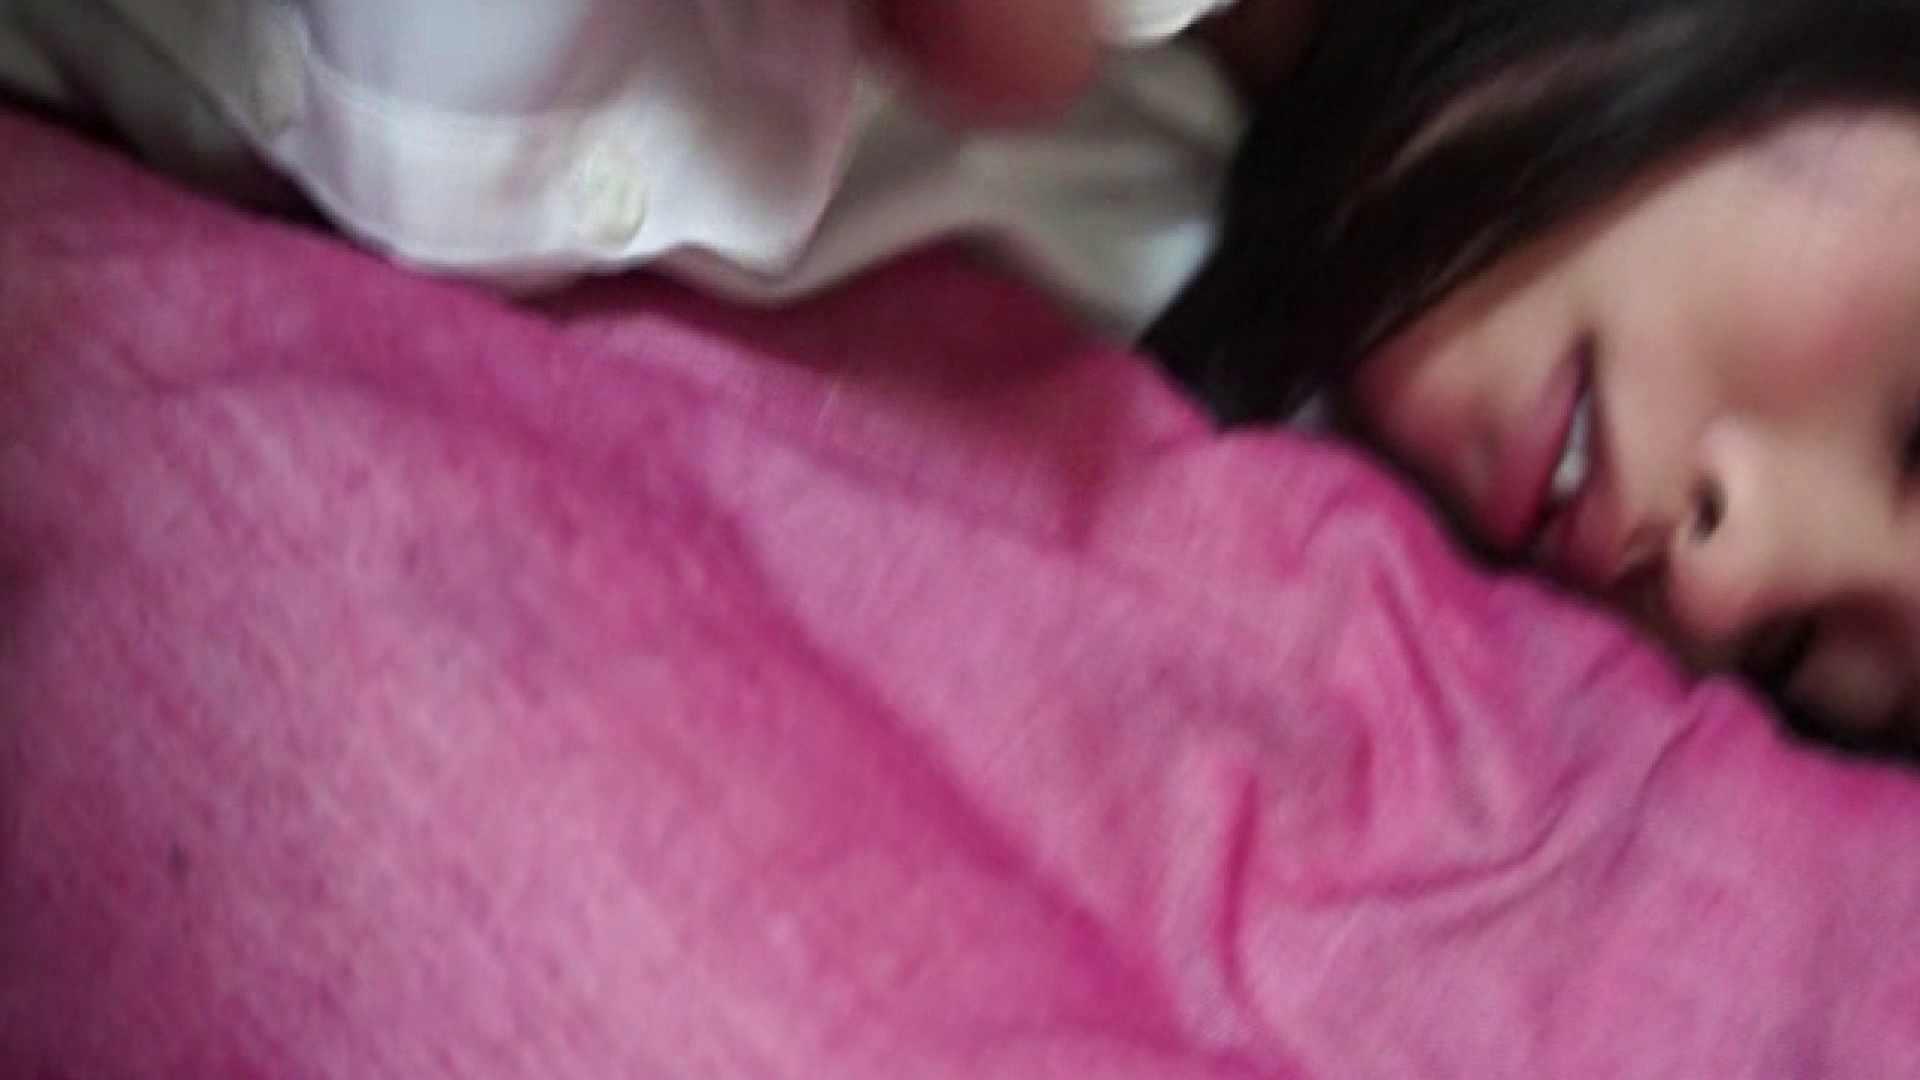 vol.19 [小春ちゃん]黒髪美少女に変身してきて、、、衝動に駆られ。 悪戯投稿作品 オマンコ無修正動画無料 74pic 15